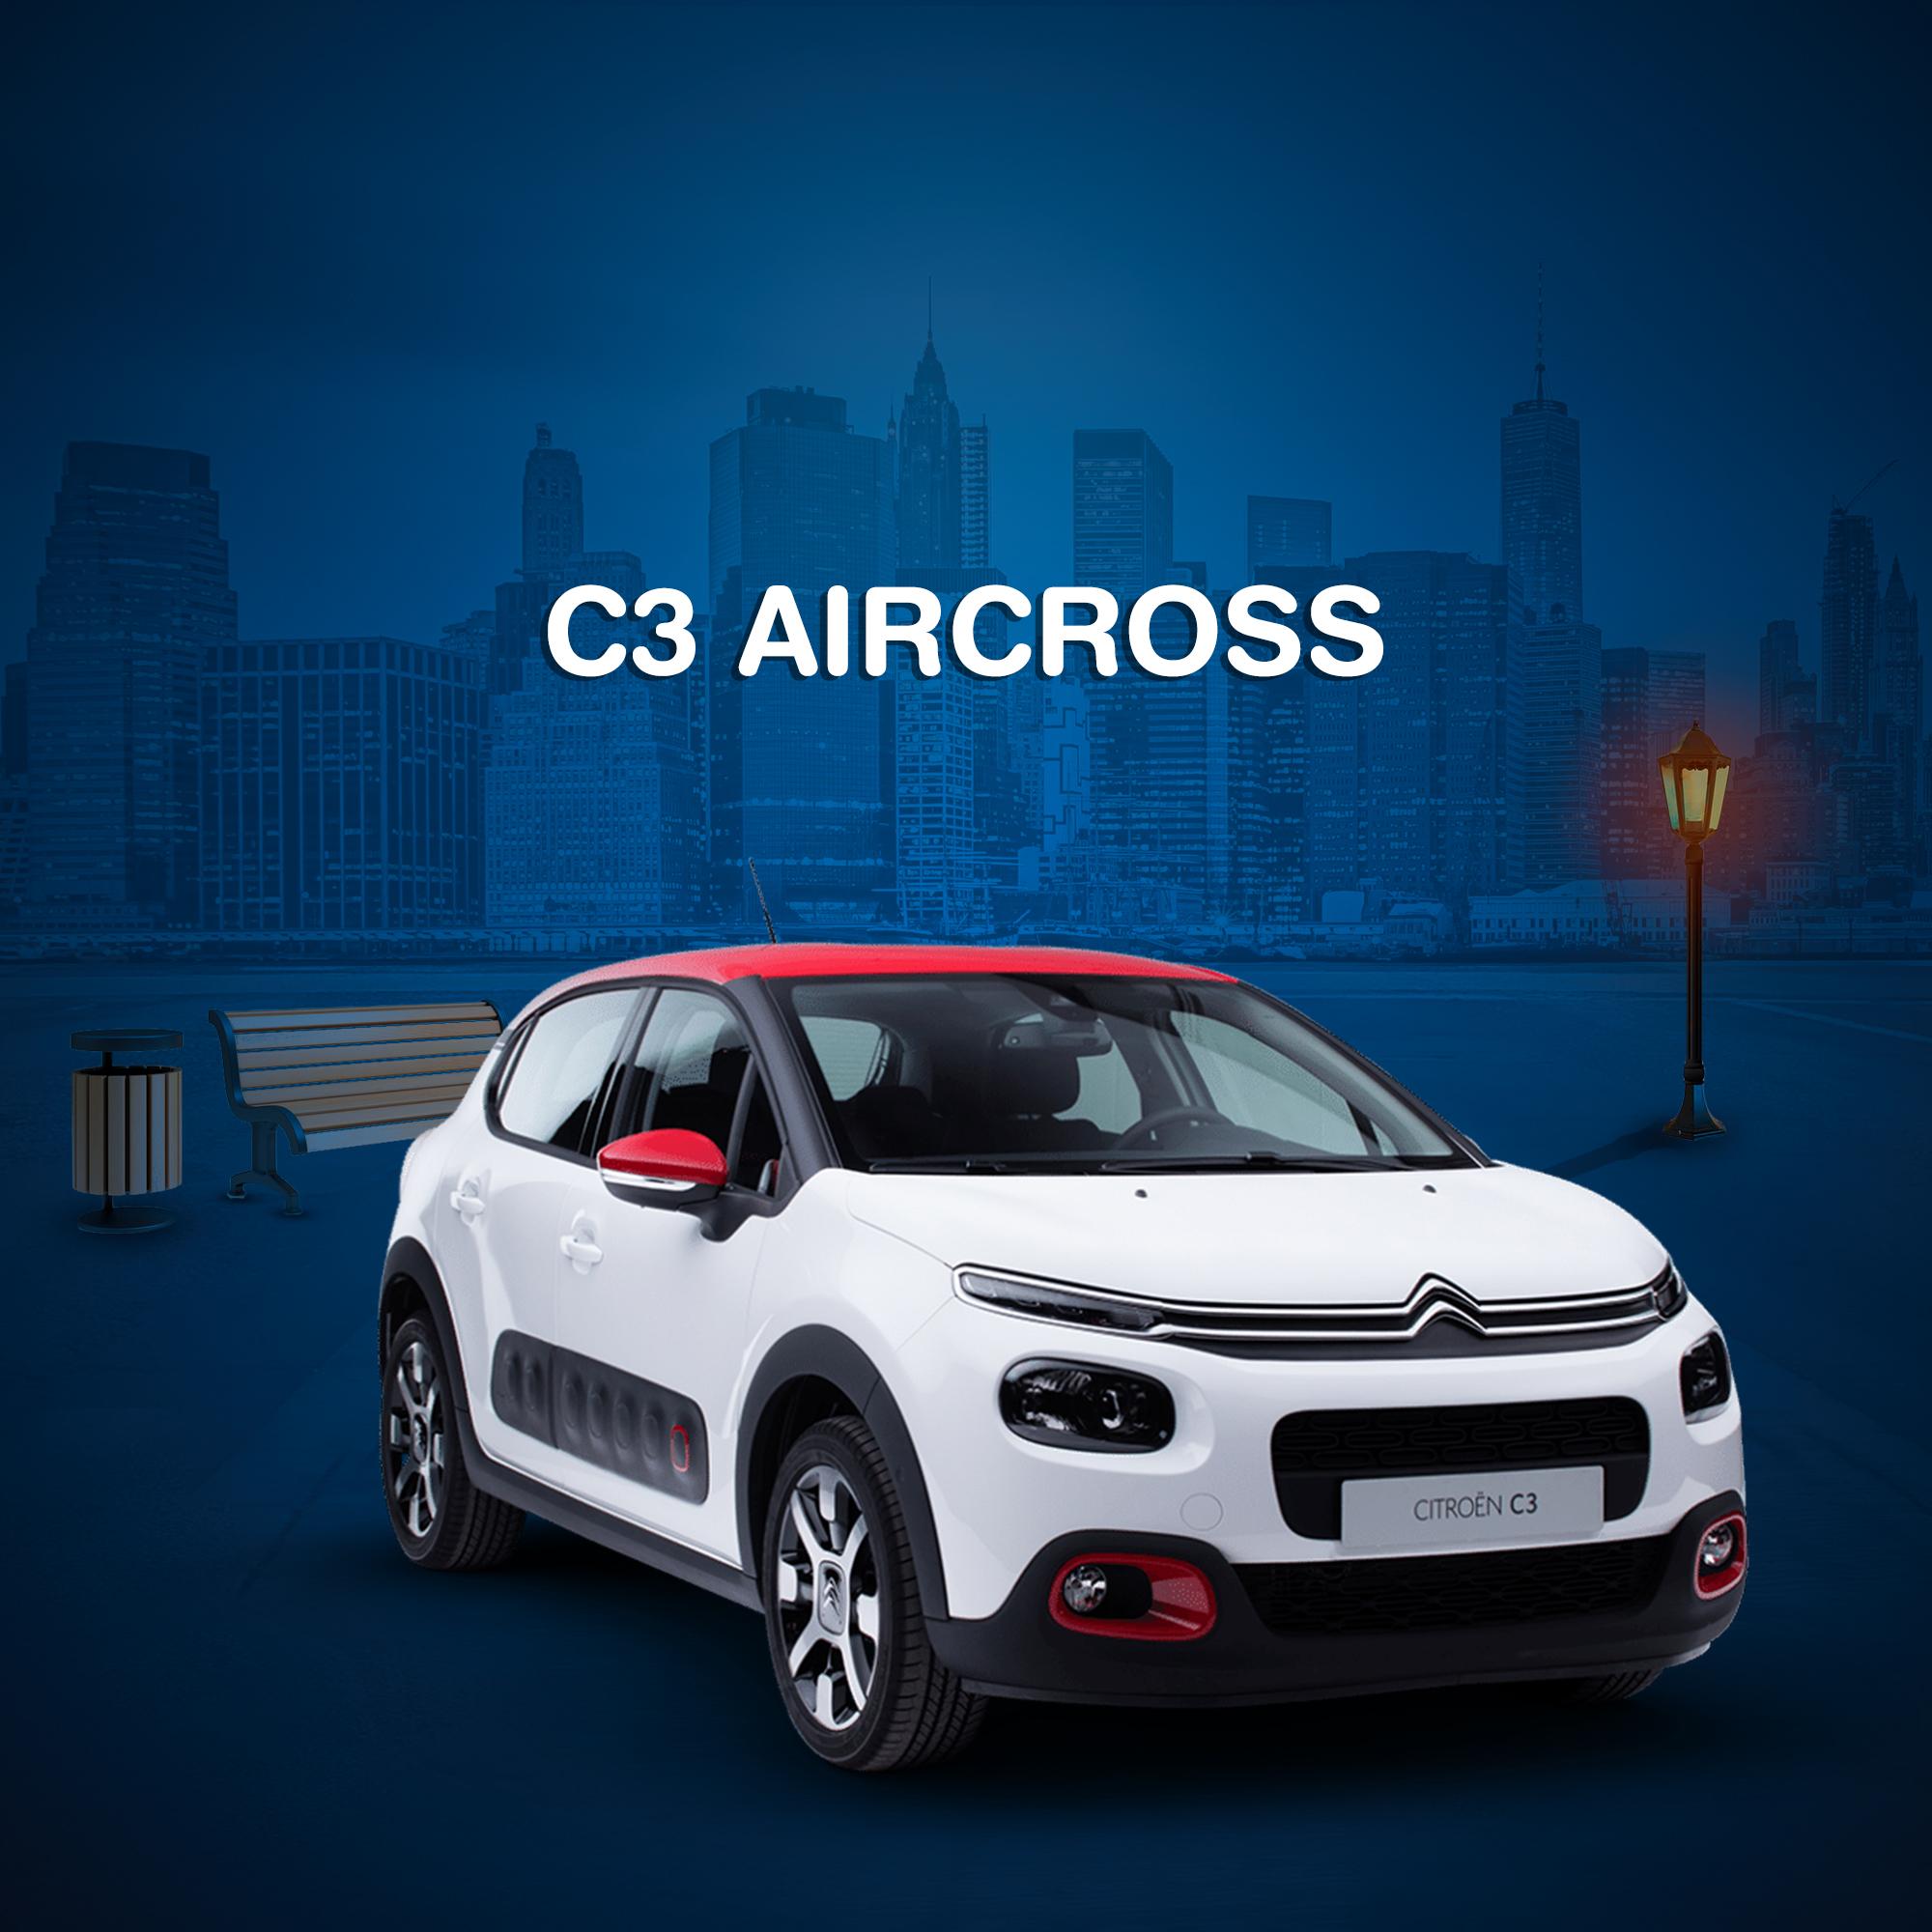 سيتروين تعلن عن احدث سيارتها C3 AirCross